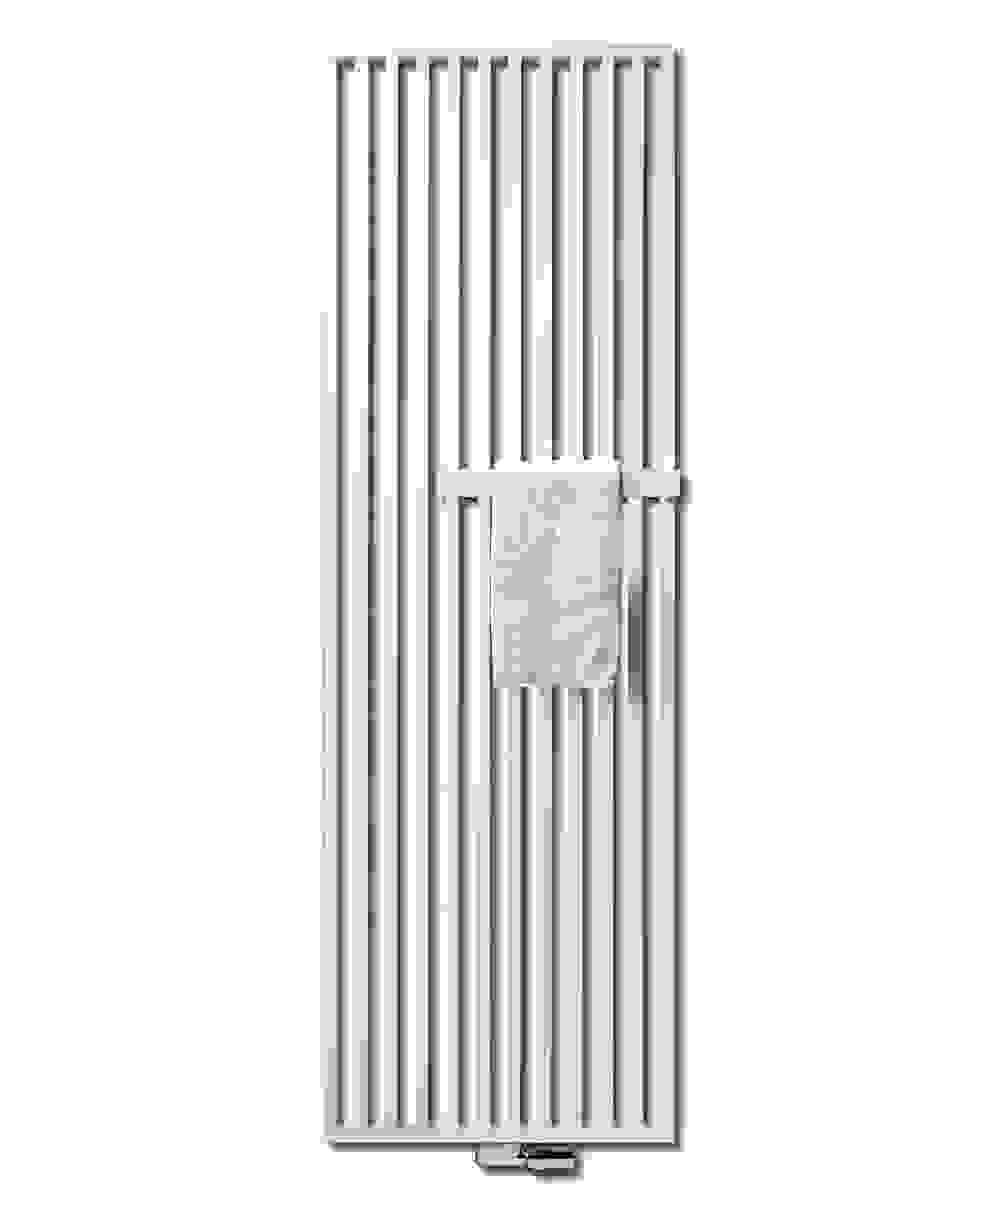 Calorifer de baie Vasco Arche VVR 2000x470 mm, 1164 W